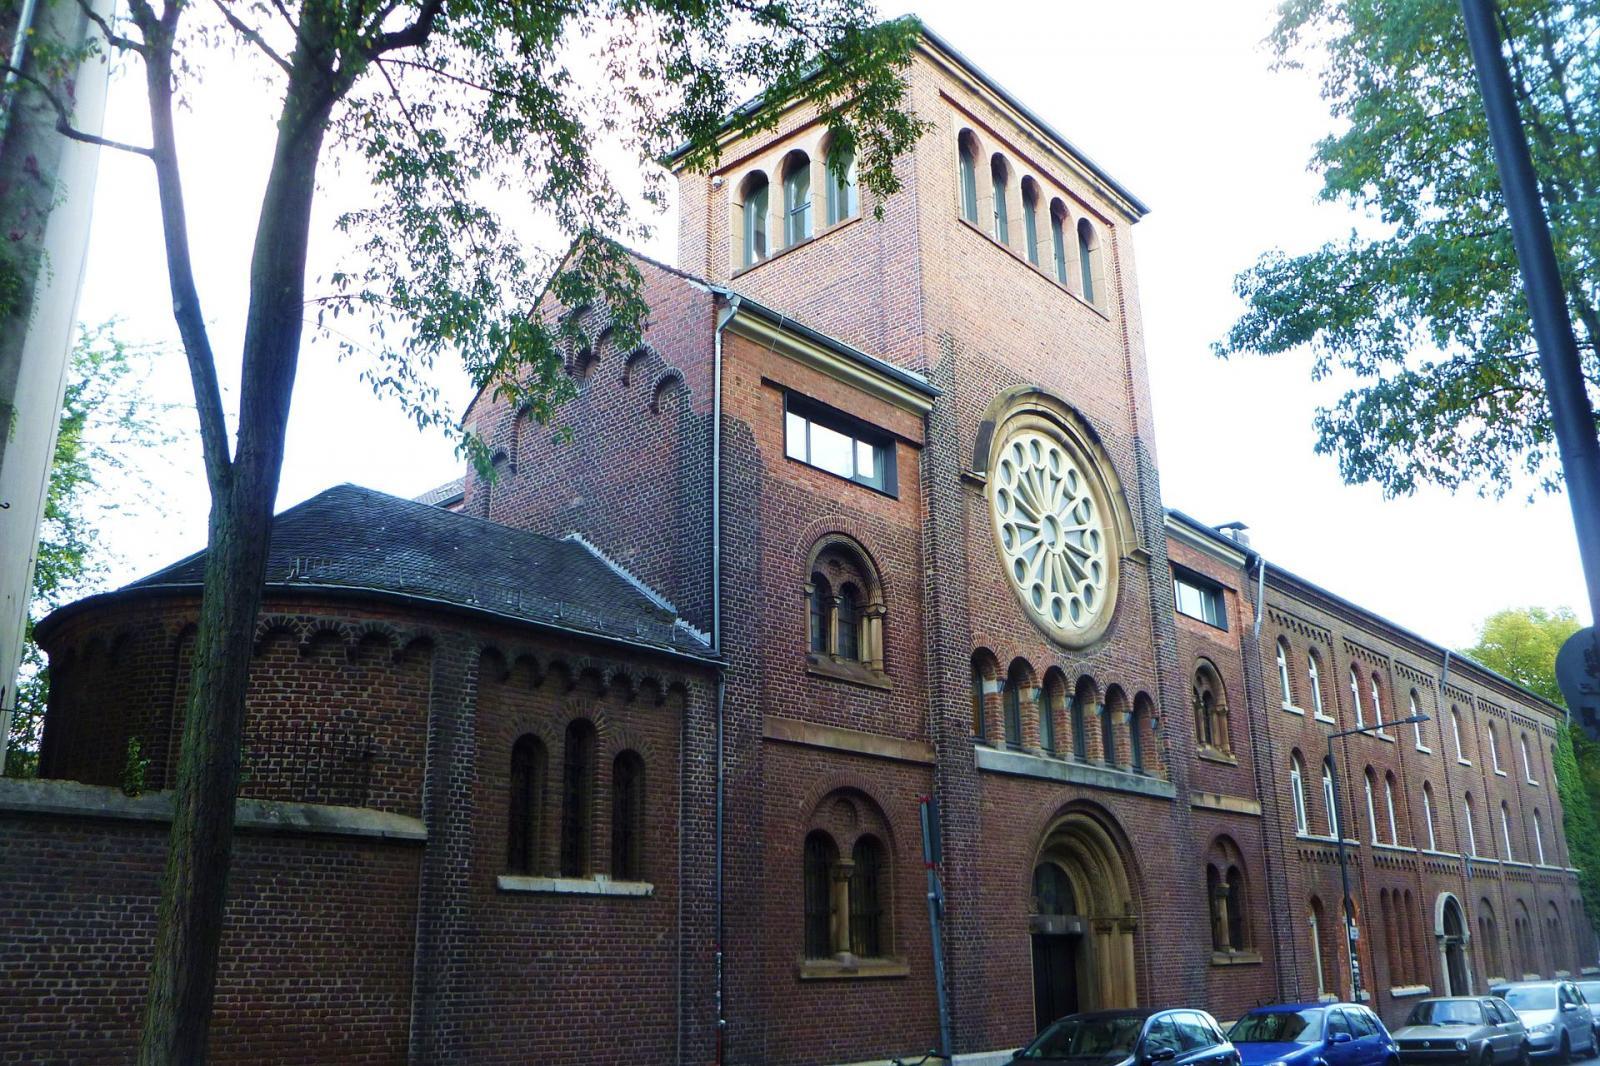 Umnutzung kloster st alfons aachen innenarchitektur baukunst nrw - Innenarchitektur aachen ...